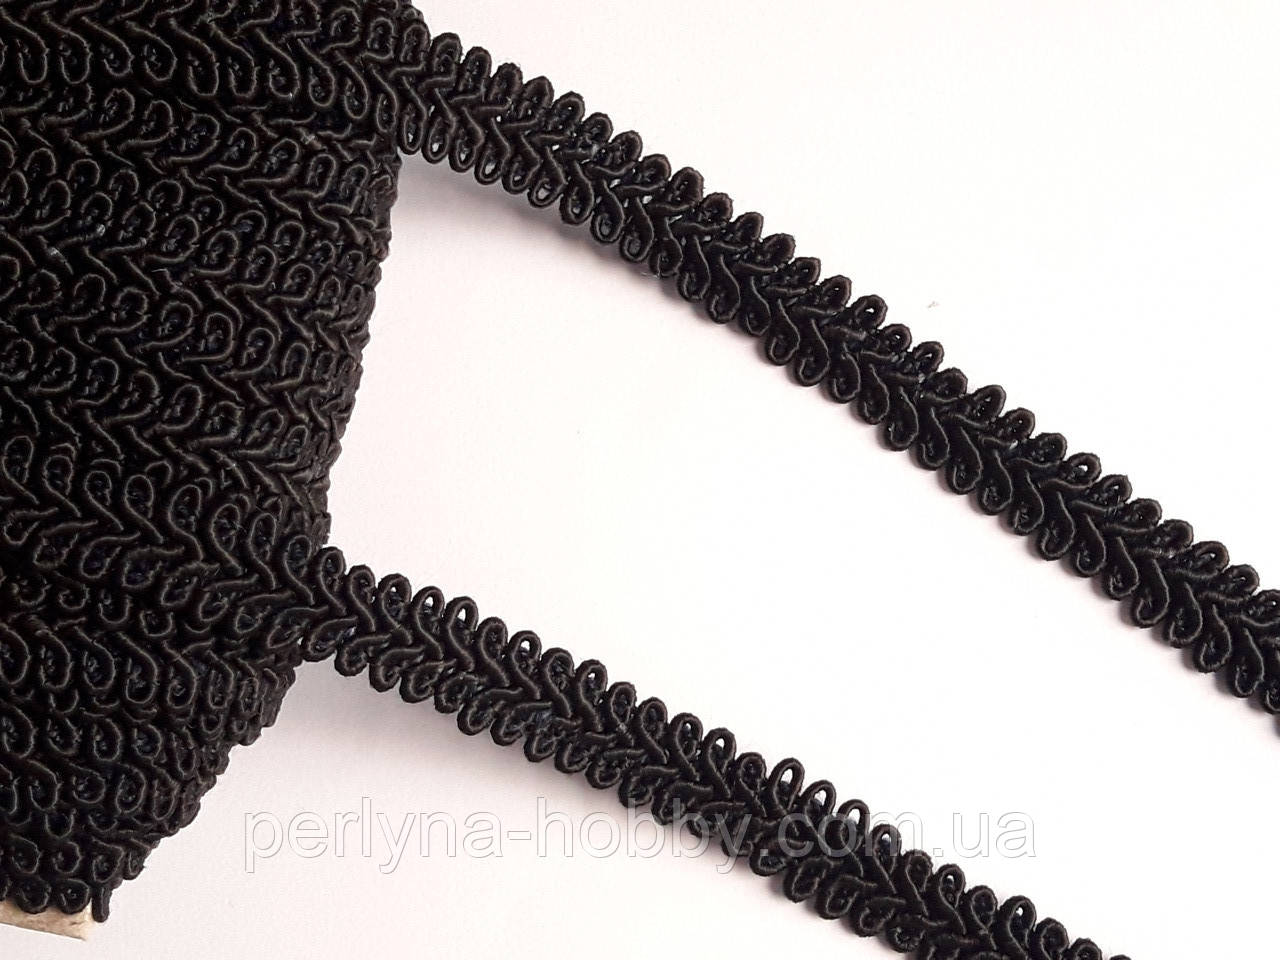 Тесьма декоративная шубная шанель, Тасьма шубна косичка  на метраж 1,3 см. Чорна